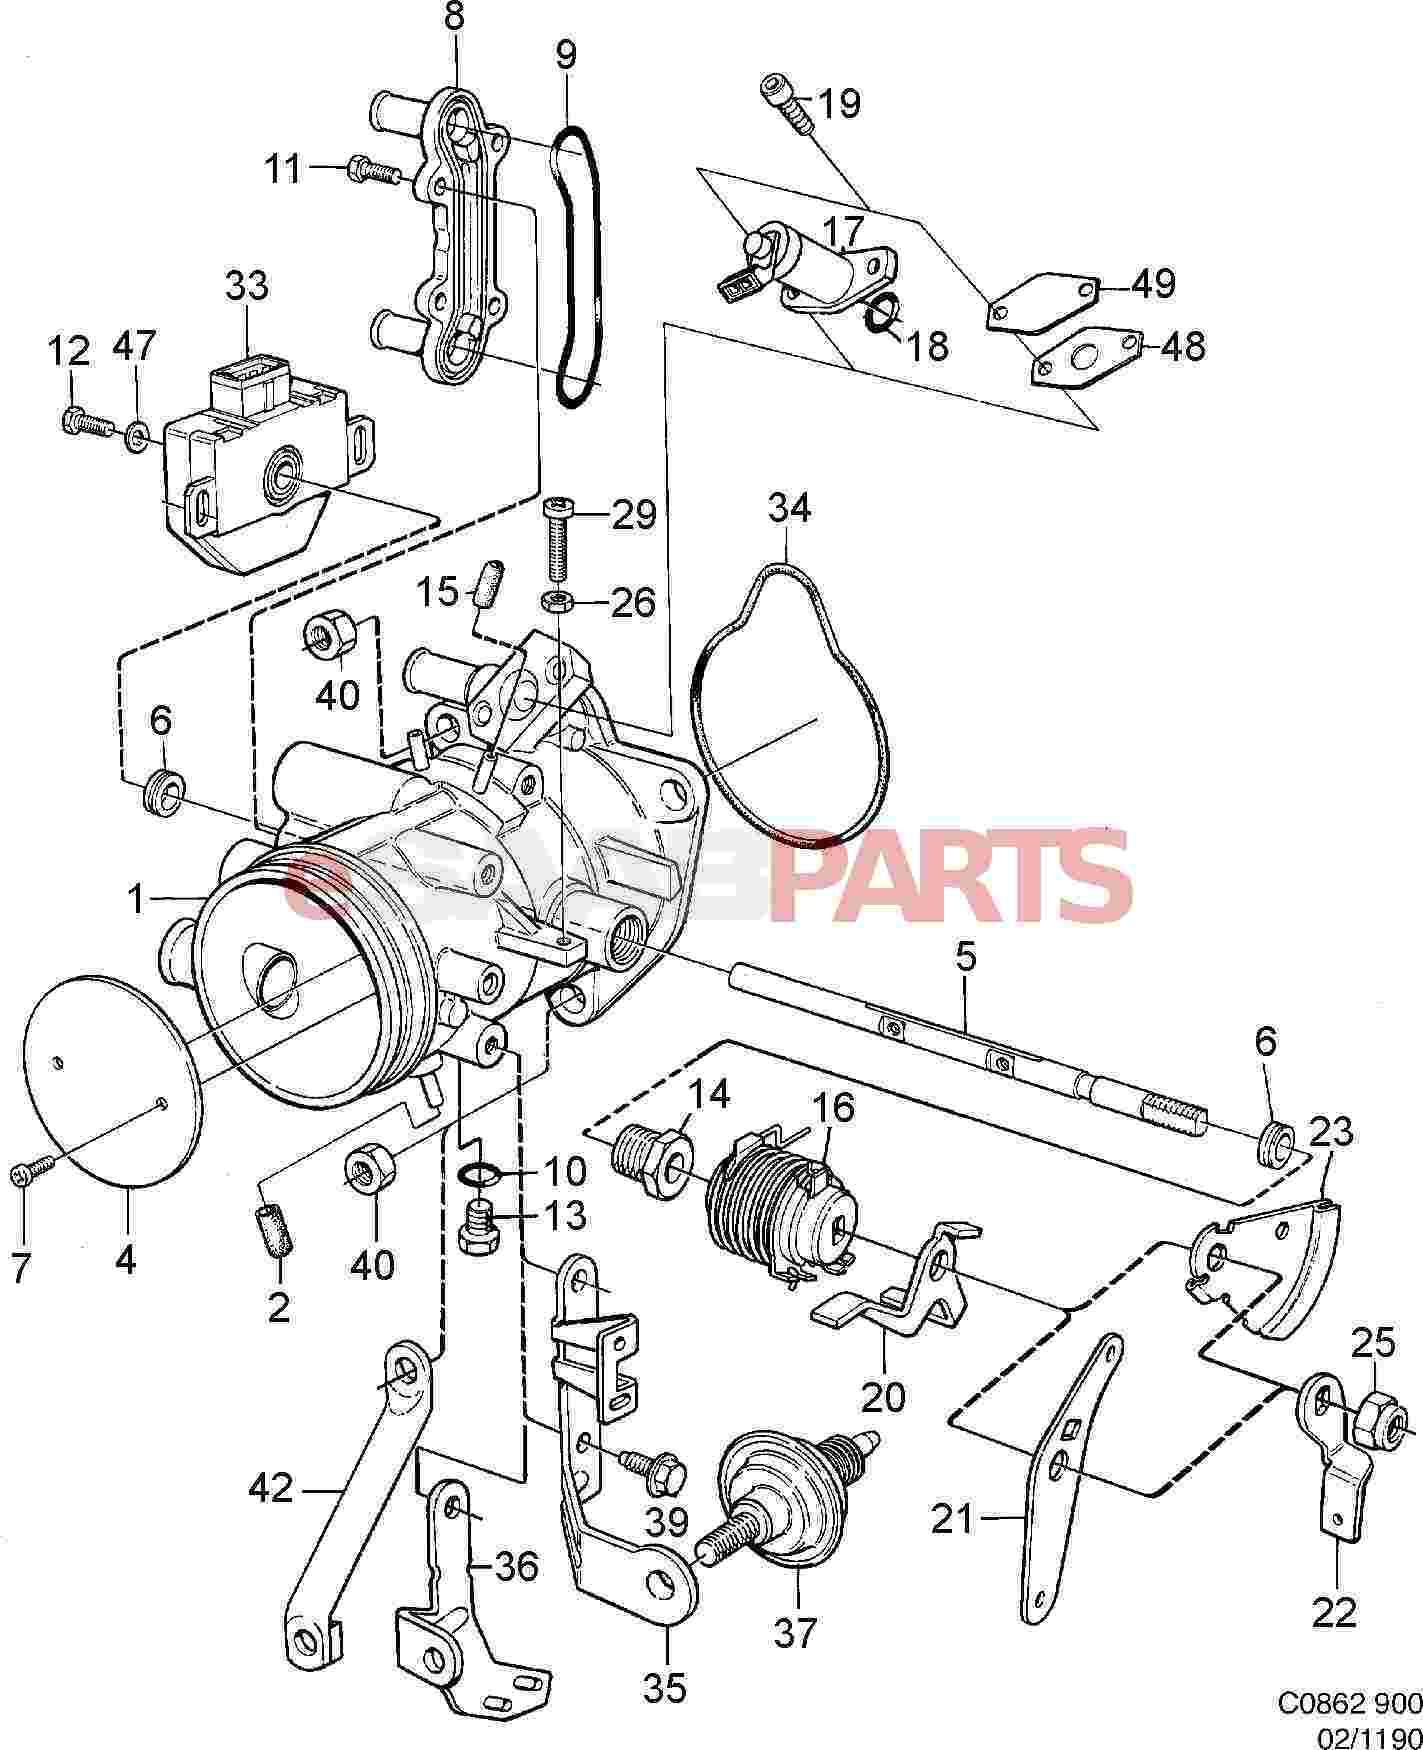 saab 23 engine diagram